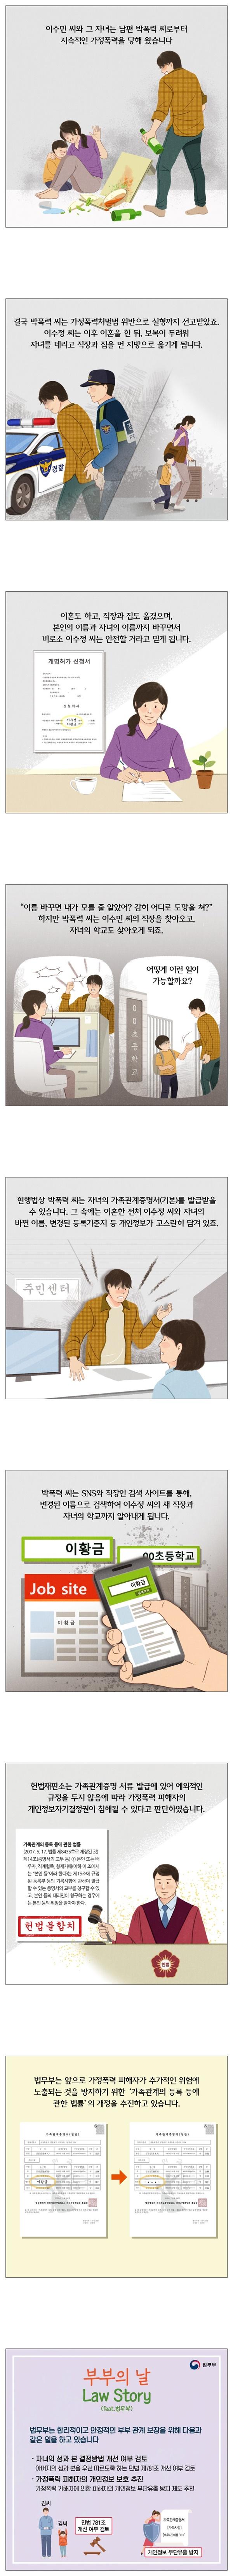 [웹툰] Law Story - '부부의 날' 편